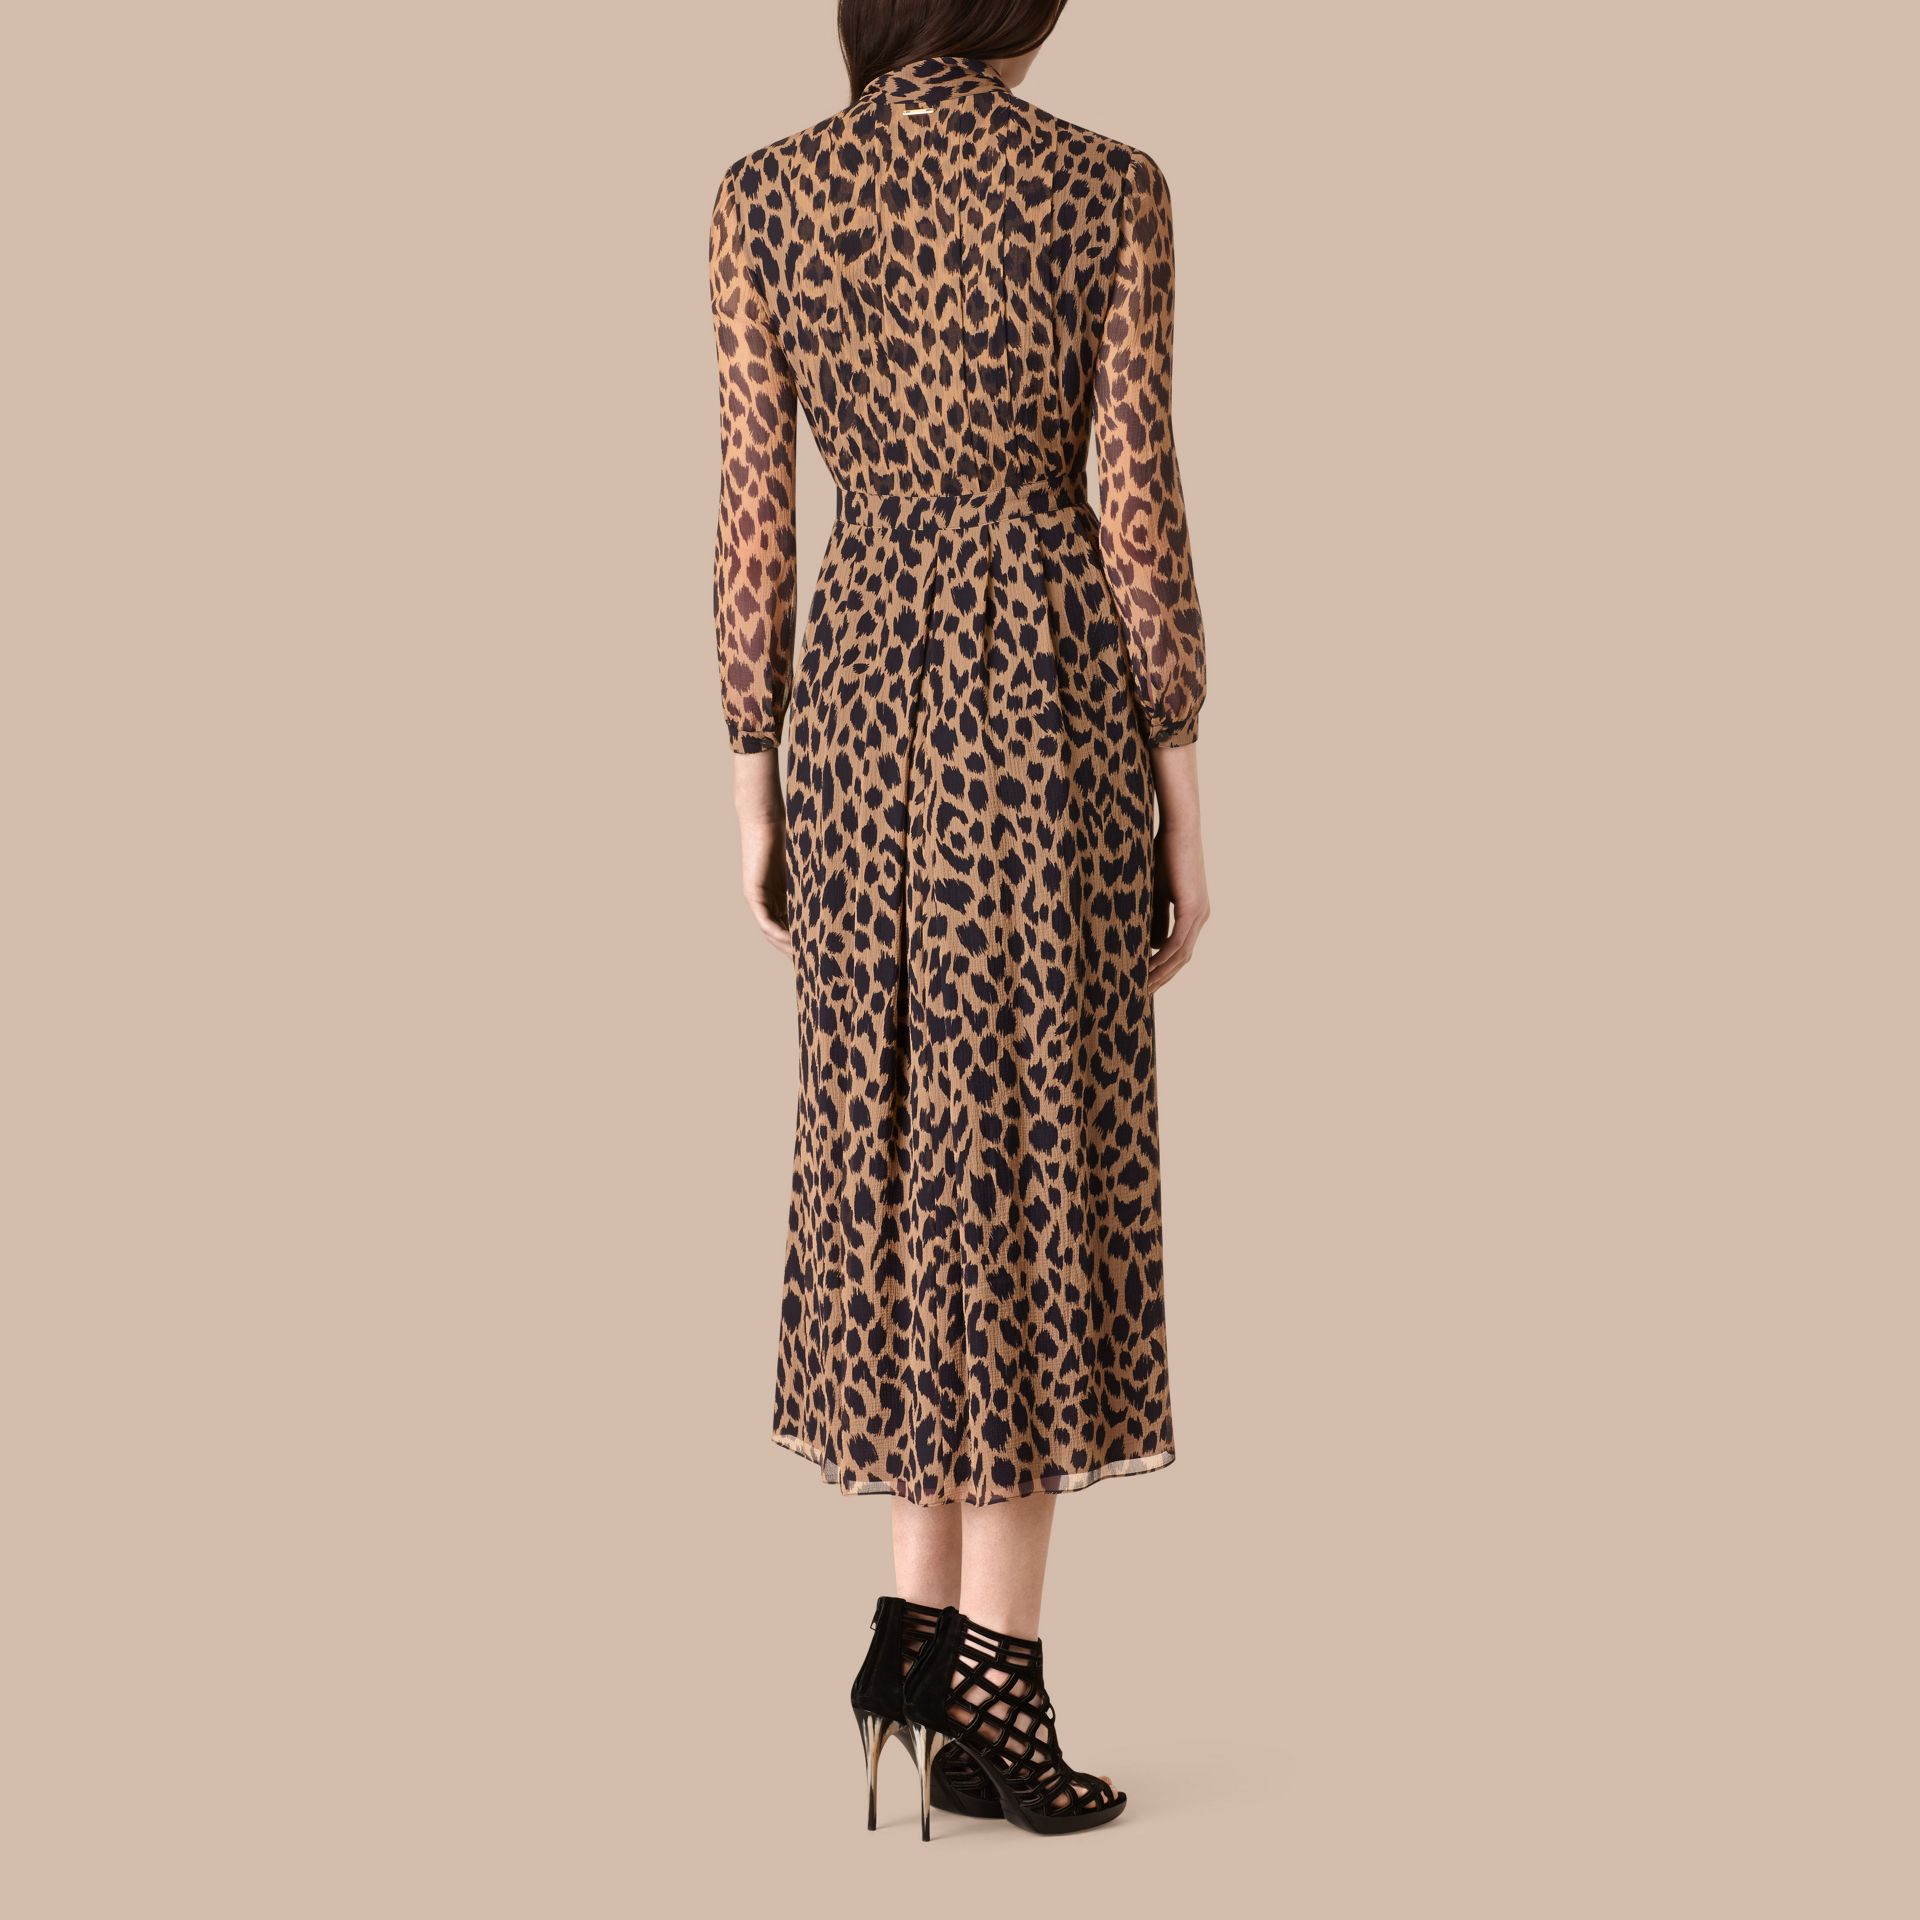 Песочный / черный Шелковое платье с анималистическим принтом - изображение 3